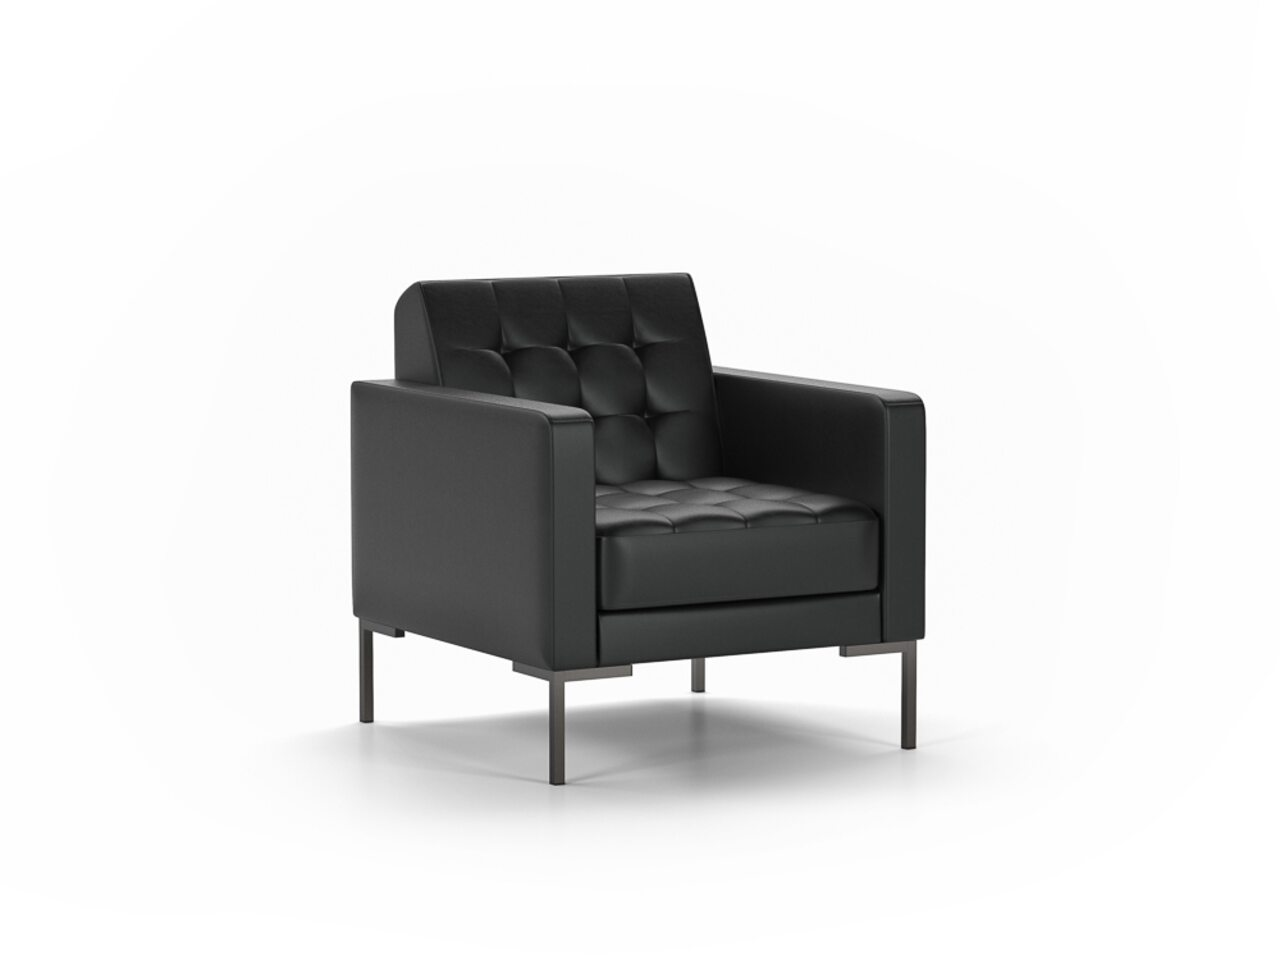 Кресло  НЭКСТ 78x80x84 - фото 10